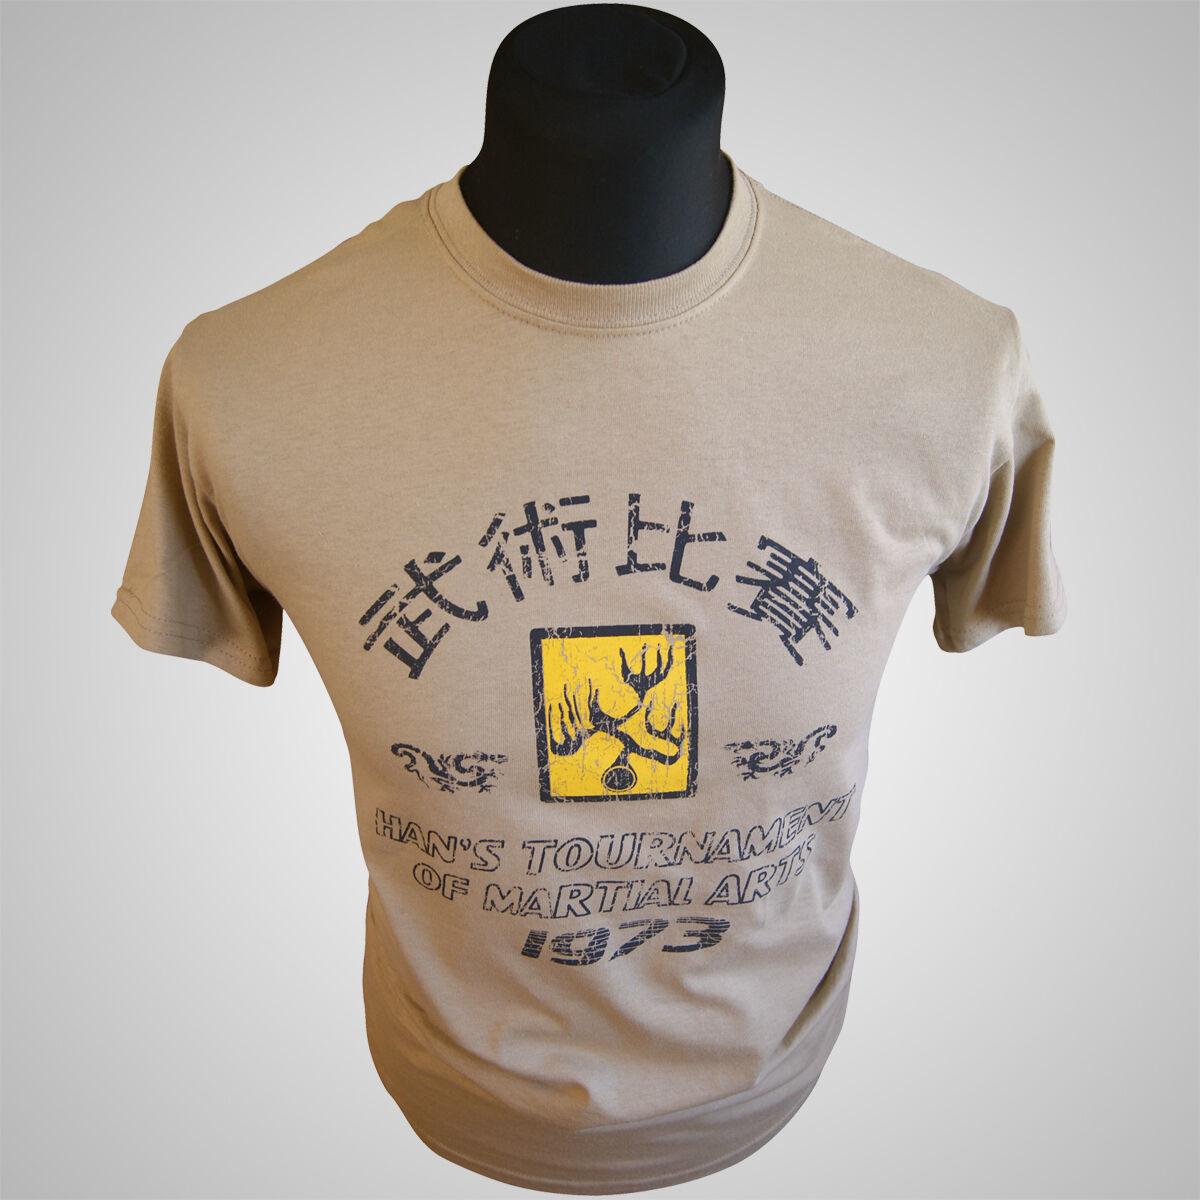 海外限定品 送料込み  ブルース・リー 李小龍  シャツ サイズ各種 32_画像1